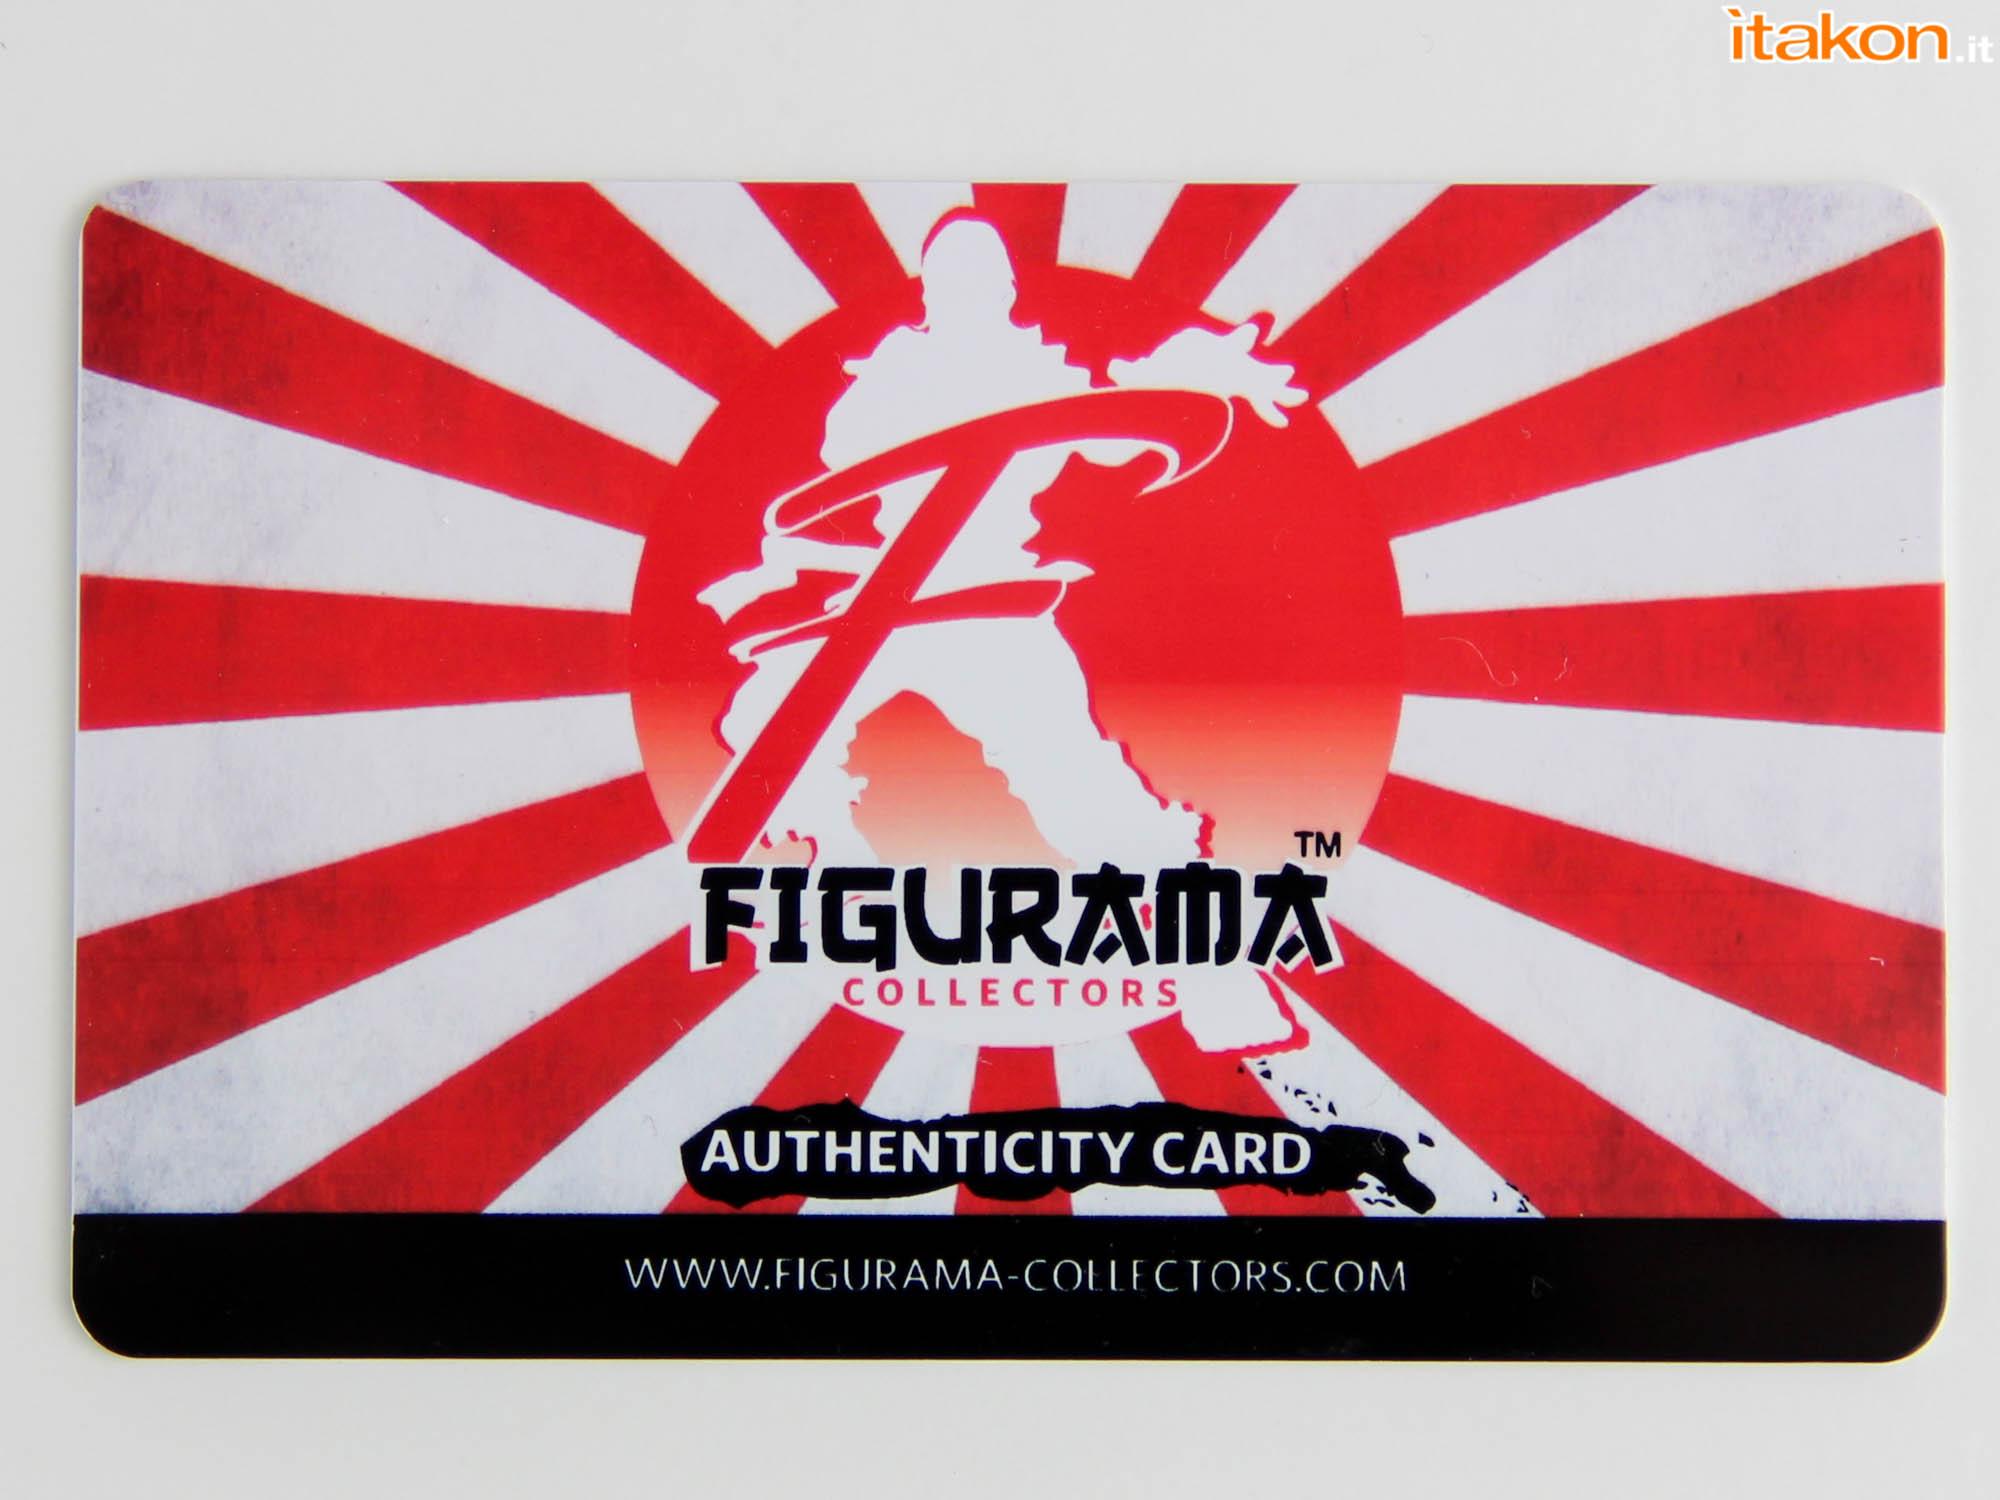 figurama_collectors_dai_review-127